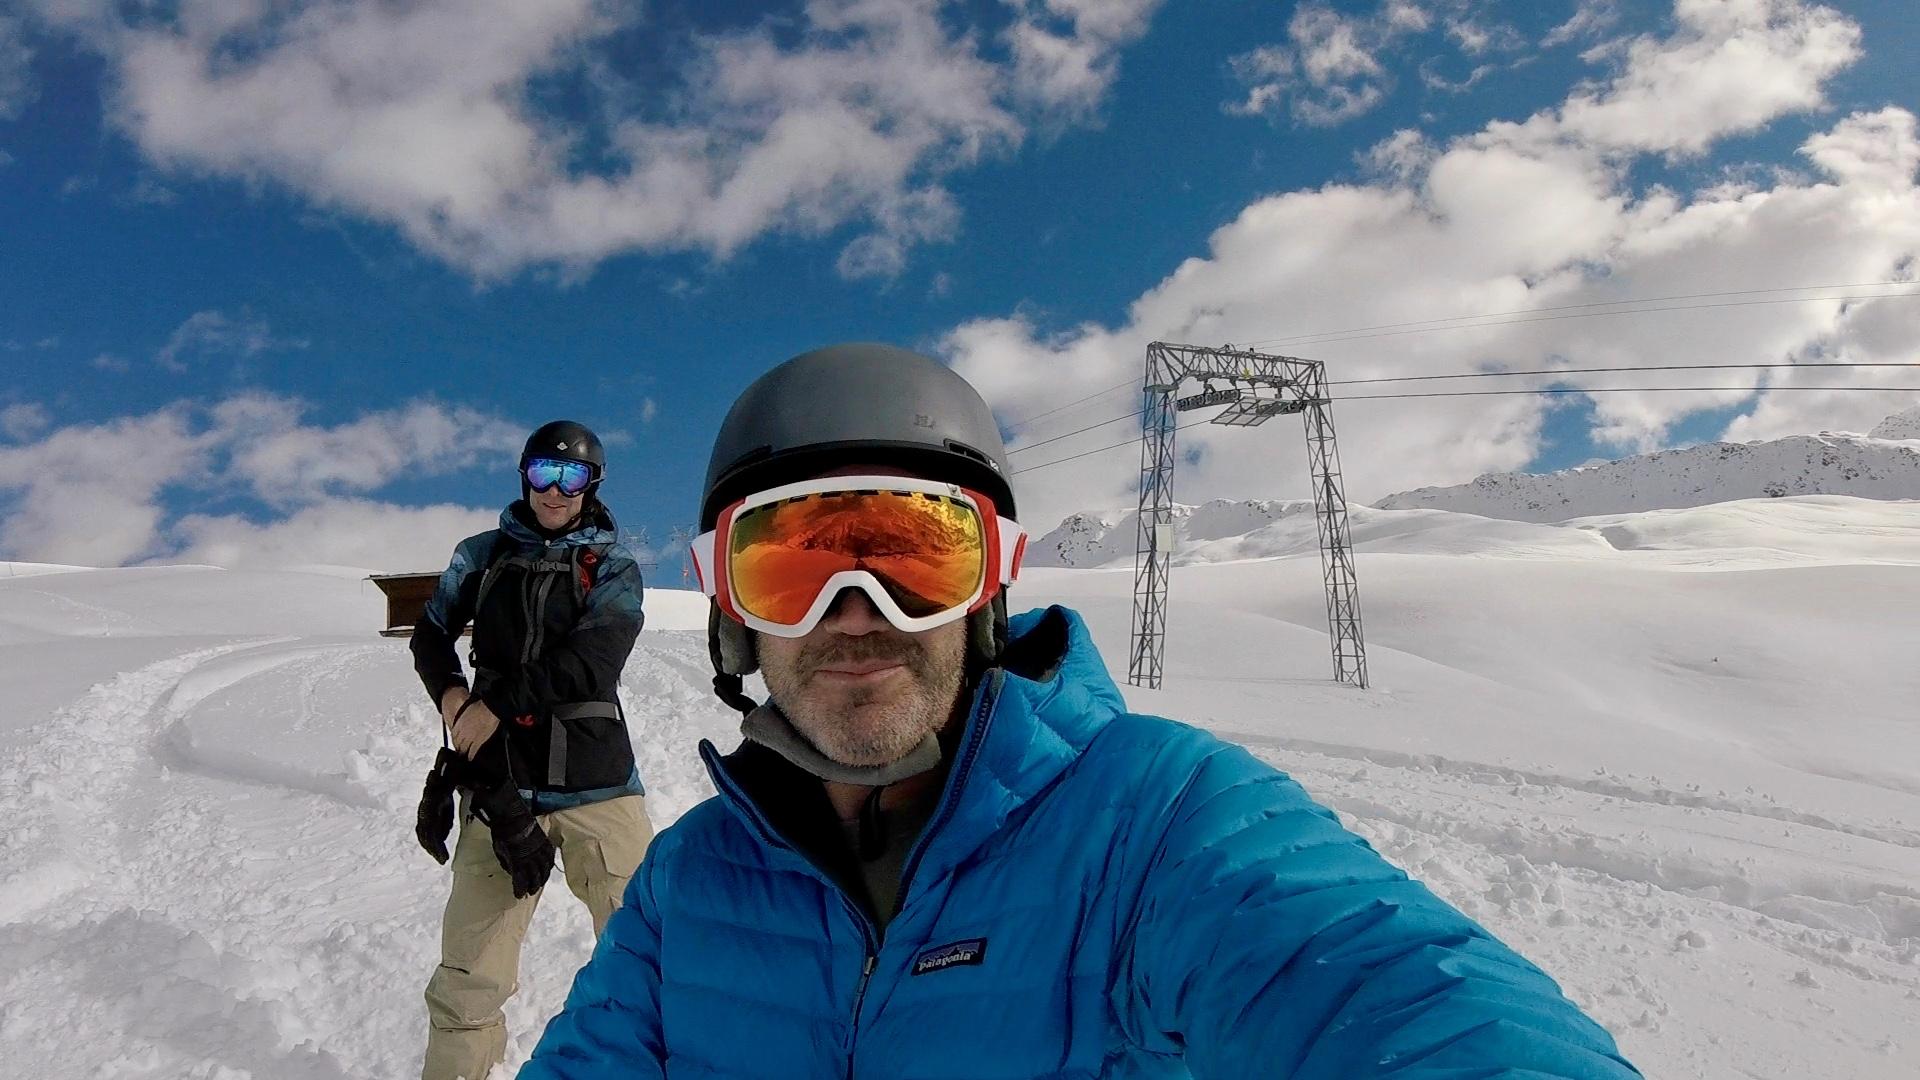 Pischa, Davos